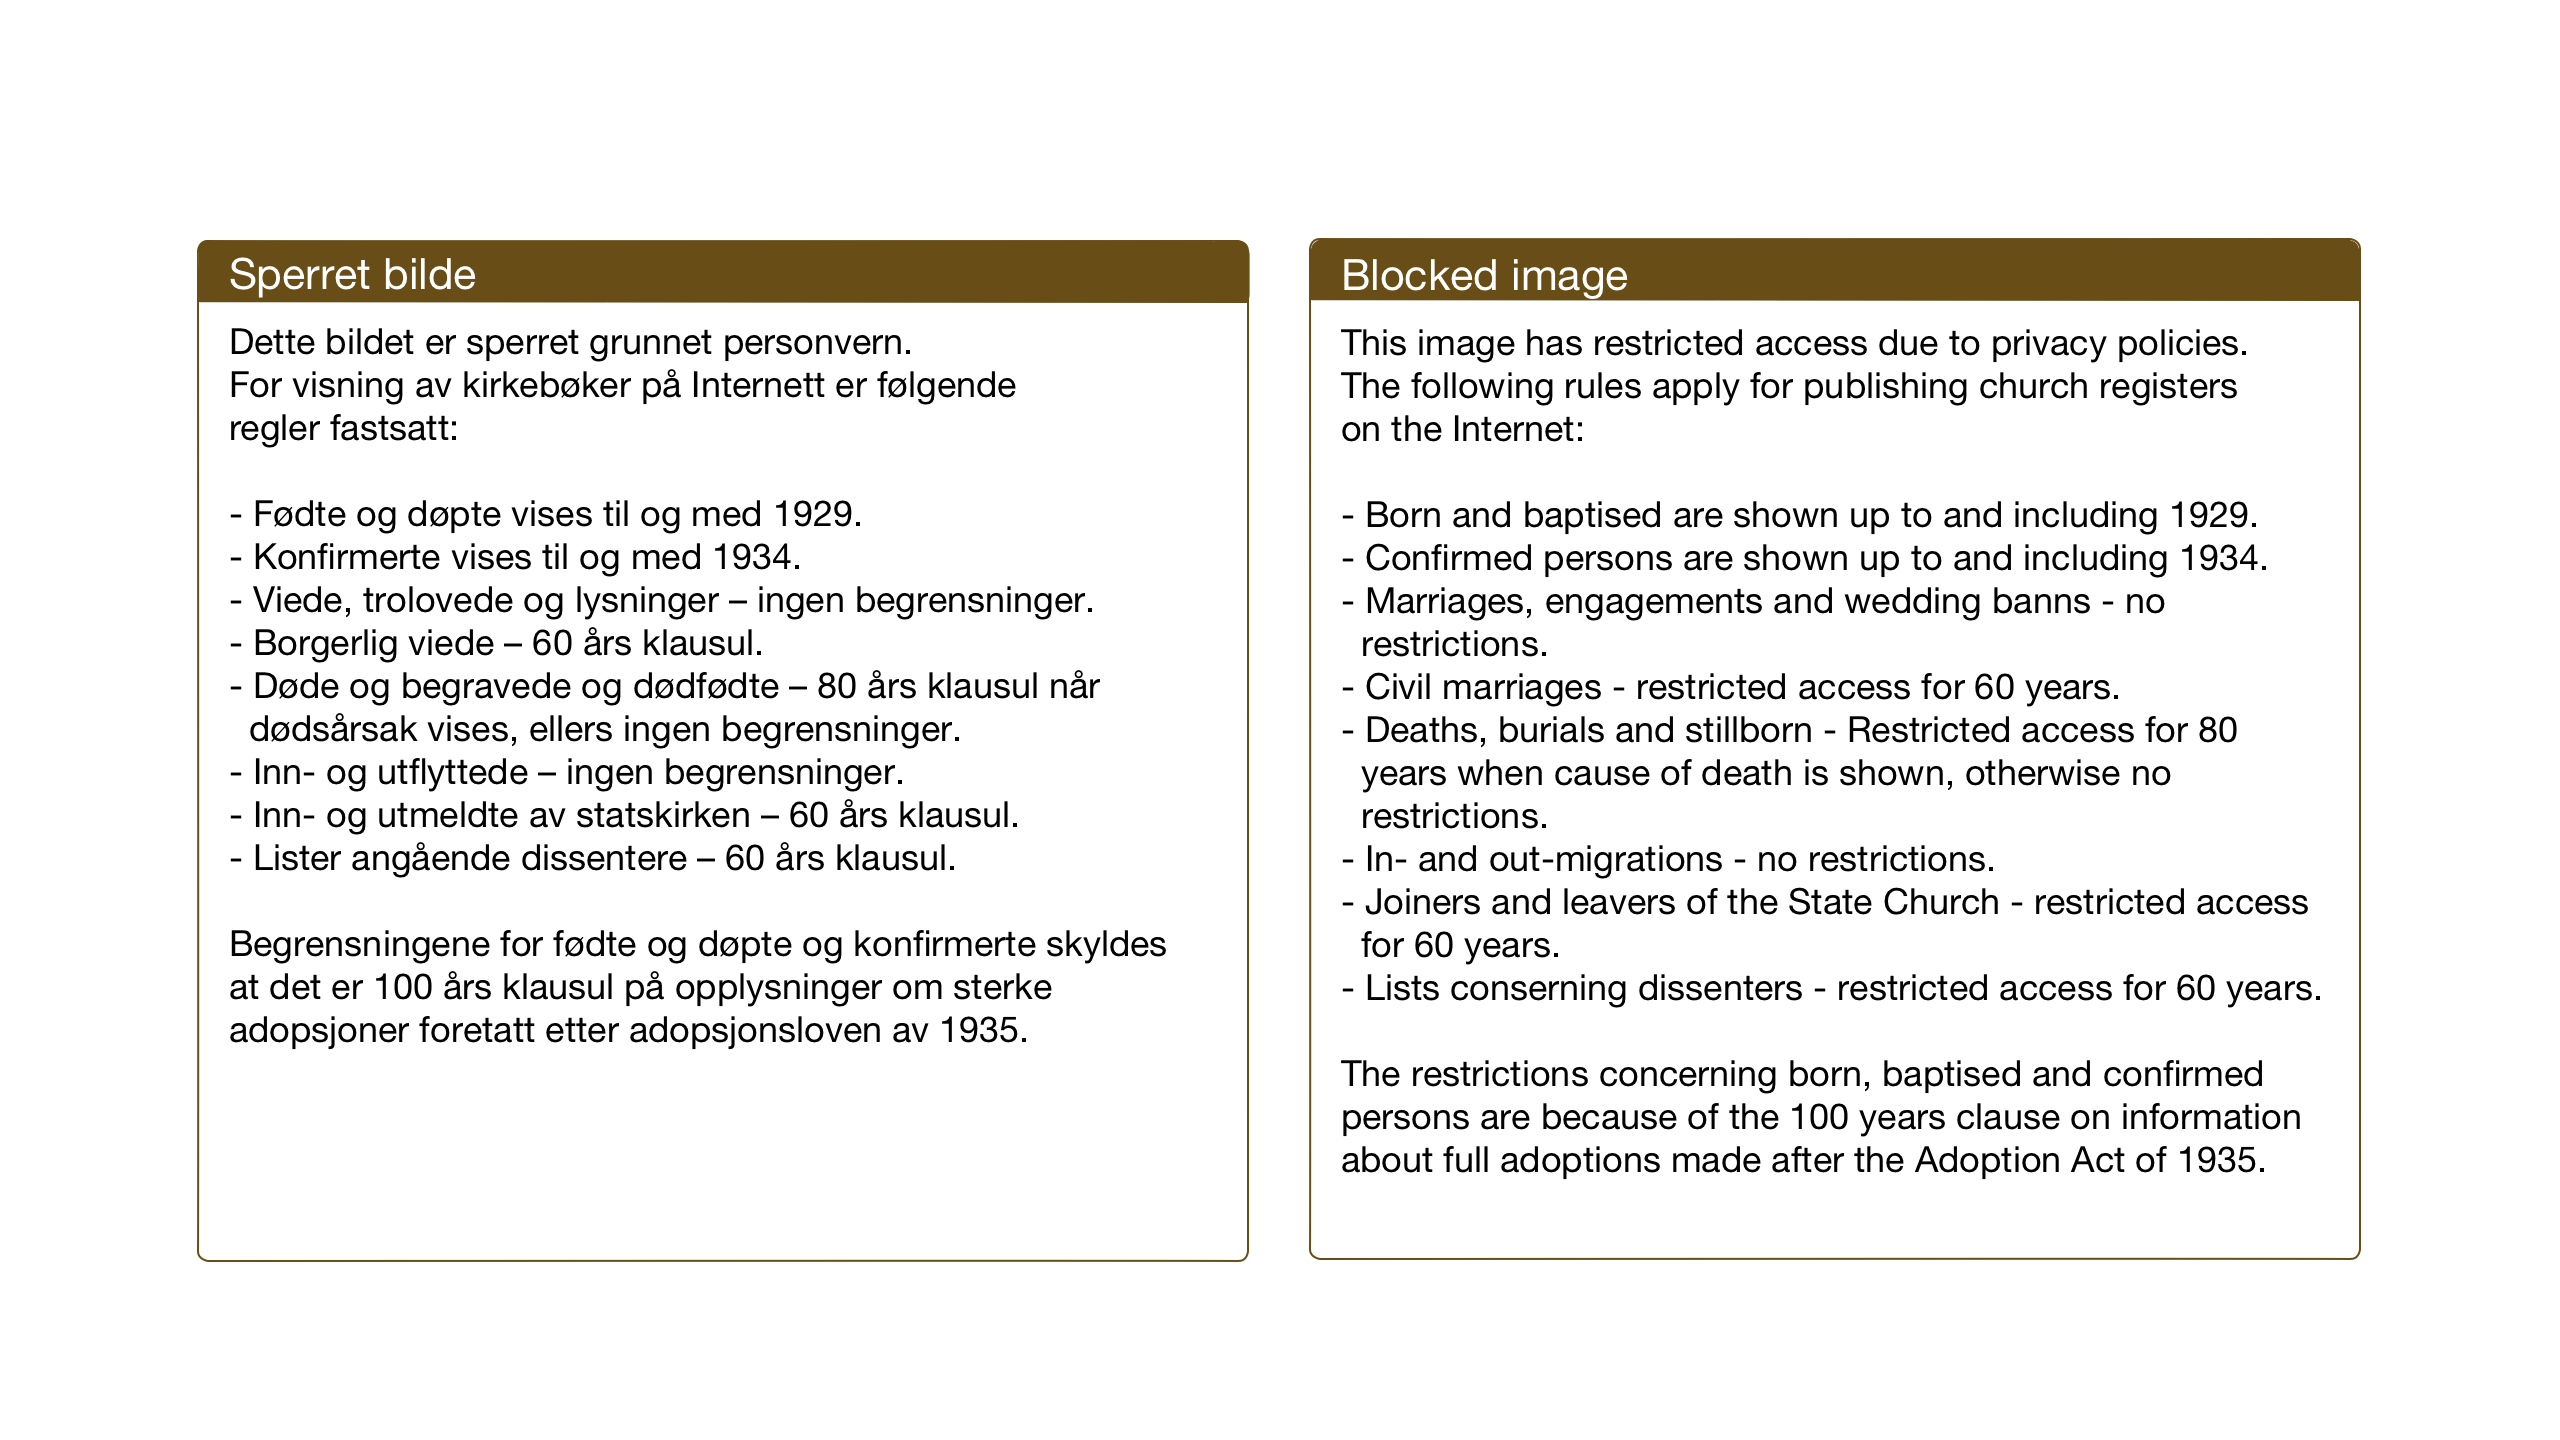 SAT, Ministerialprotokoller, klokkerbøker og fødselsregistre - Nord-Trøndelag, 773/L0625: Klokkerbok nr. 773C01, 1910-1952, s. 101